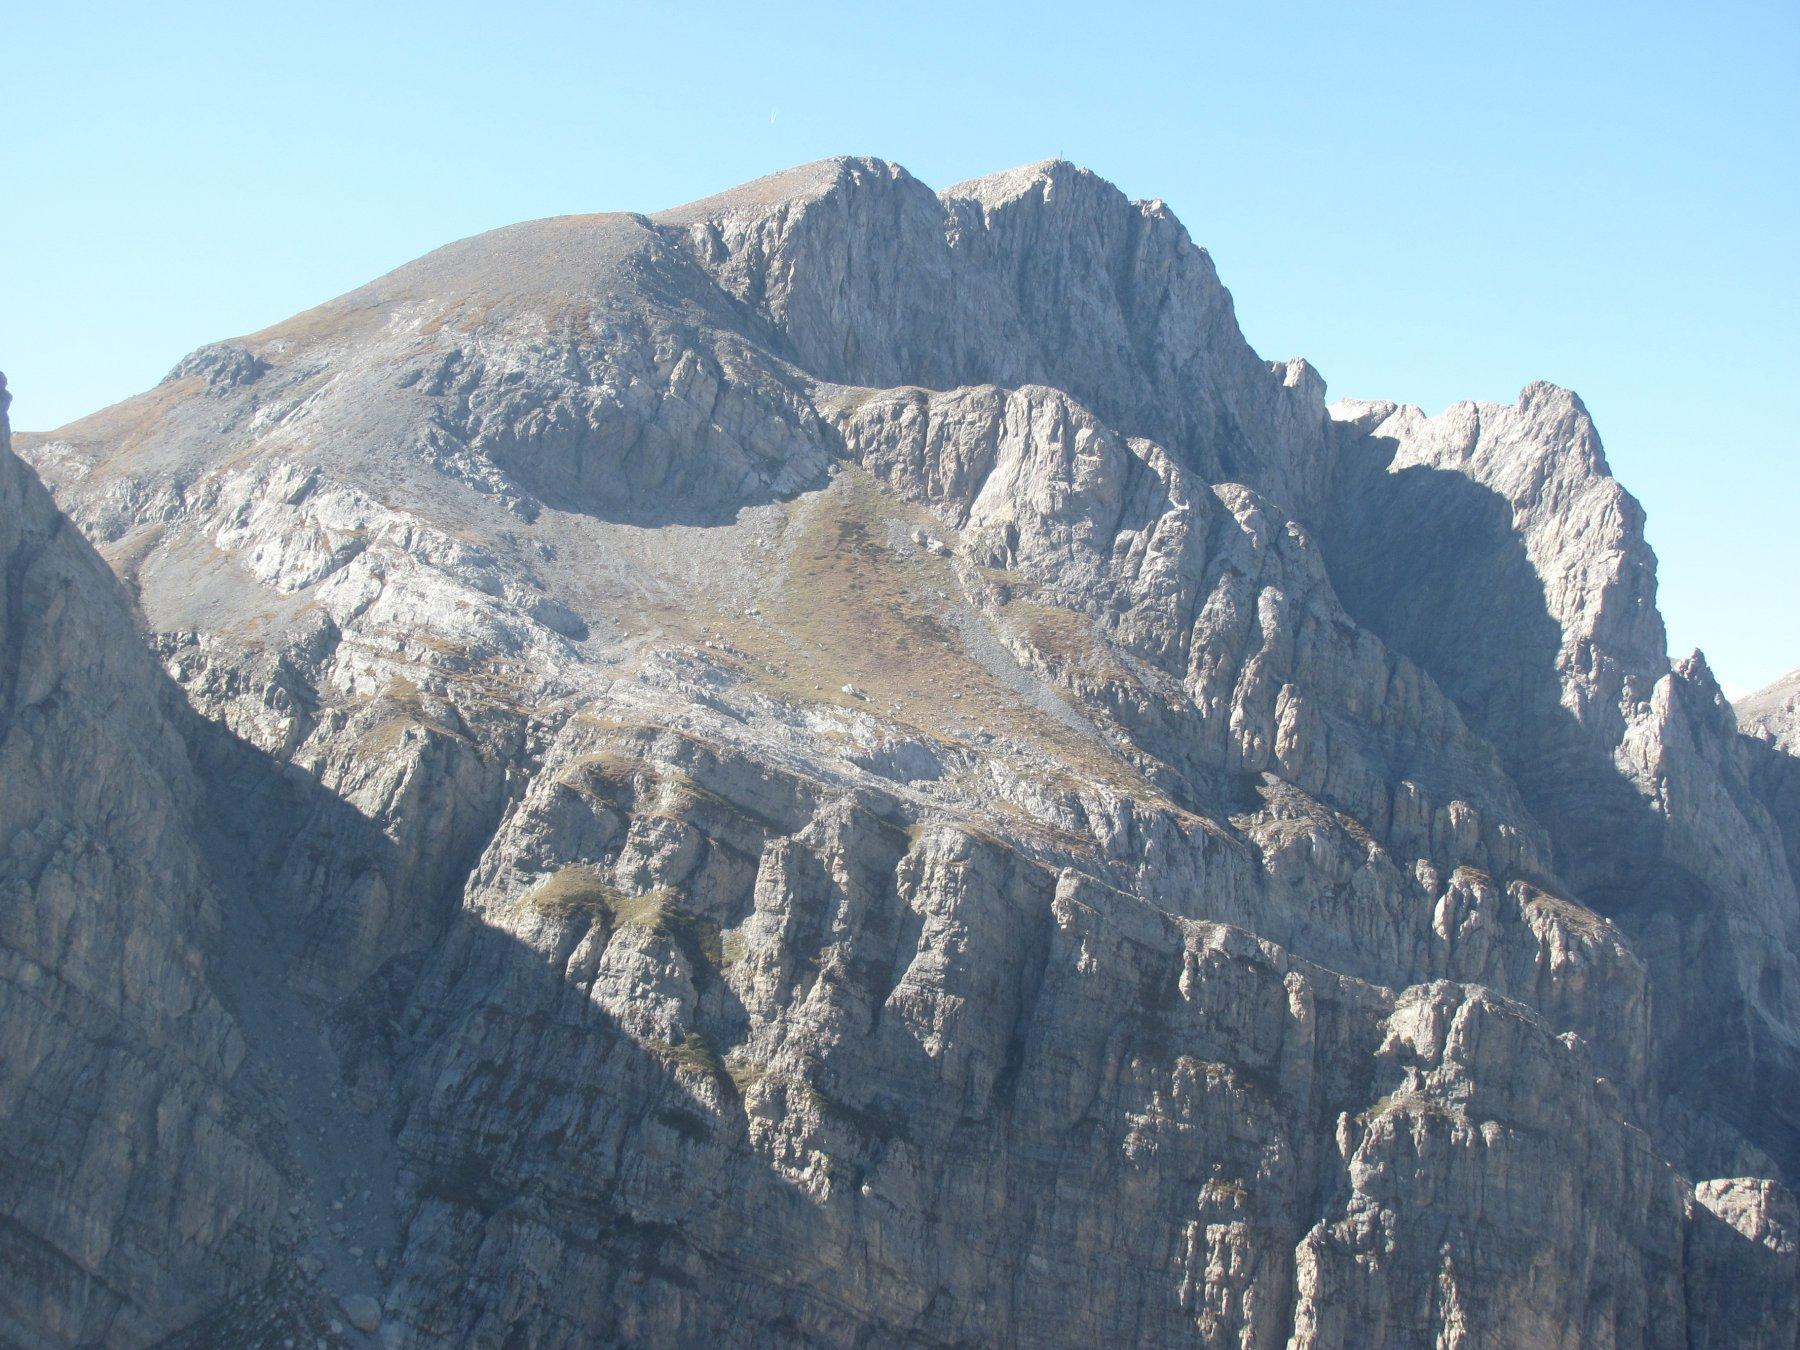 La P.ta Marguareis è di fronte, con la P.ta Tino Prato a ds. e il Canalone dei Torinesi a sin.